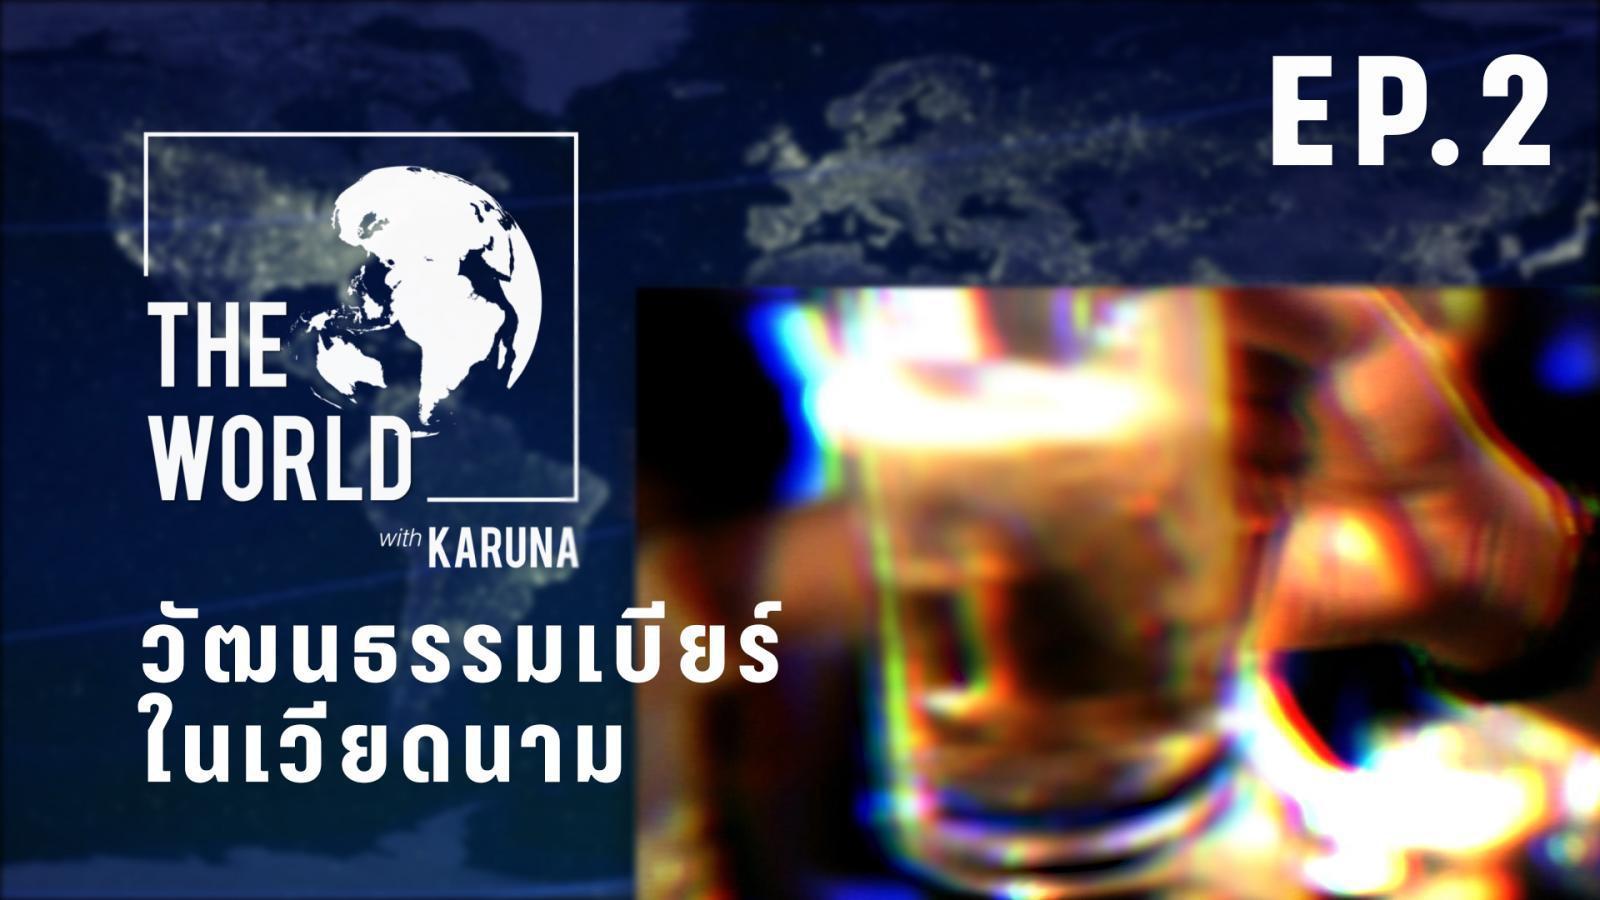 วัฒนธรรมเบียร์ในเวียดนาม